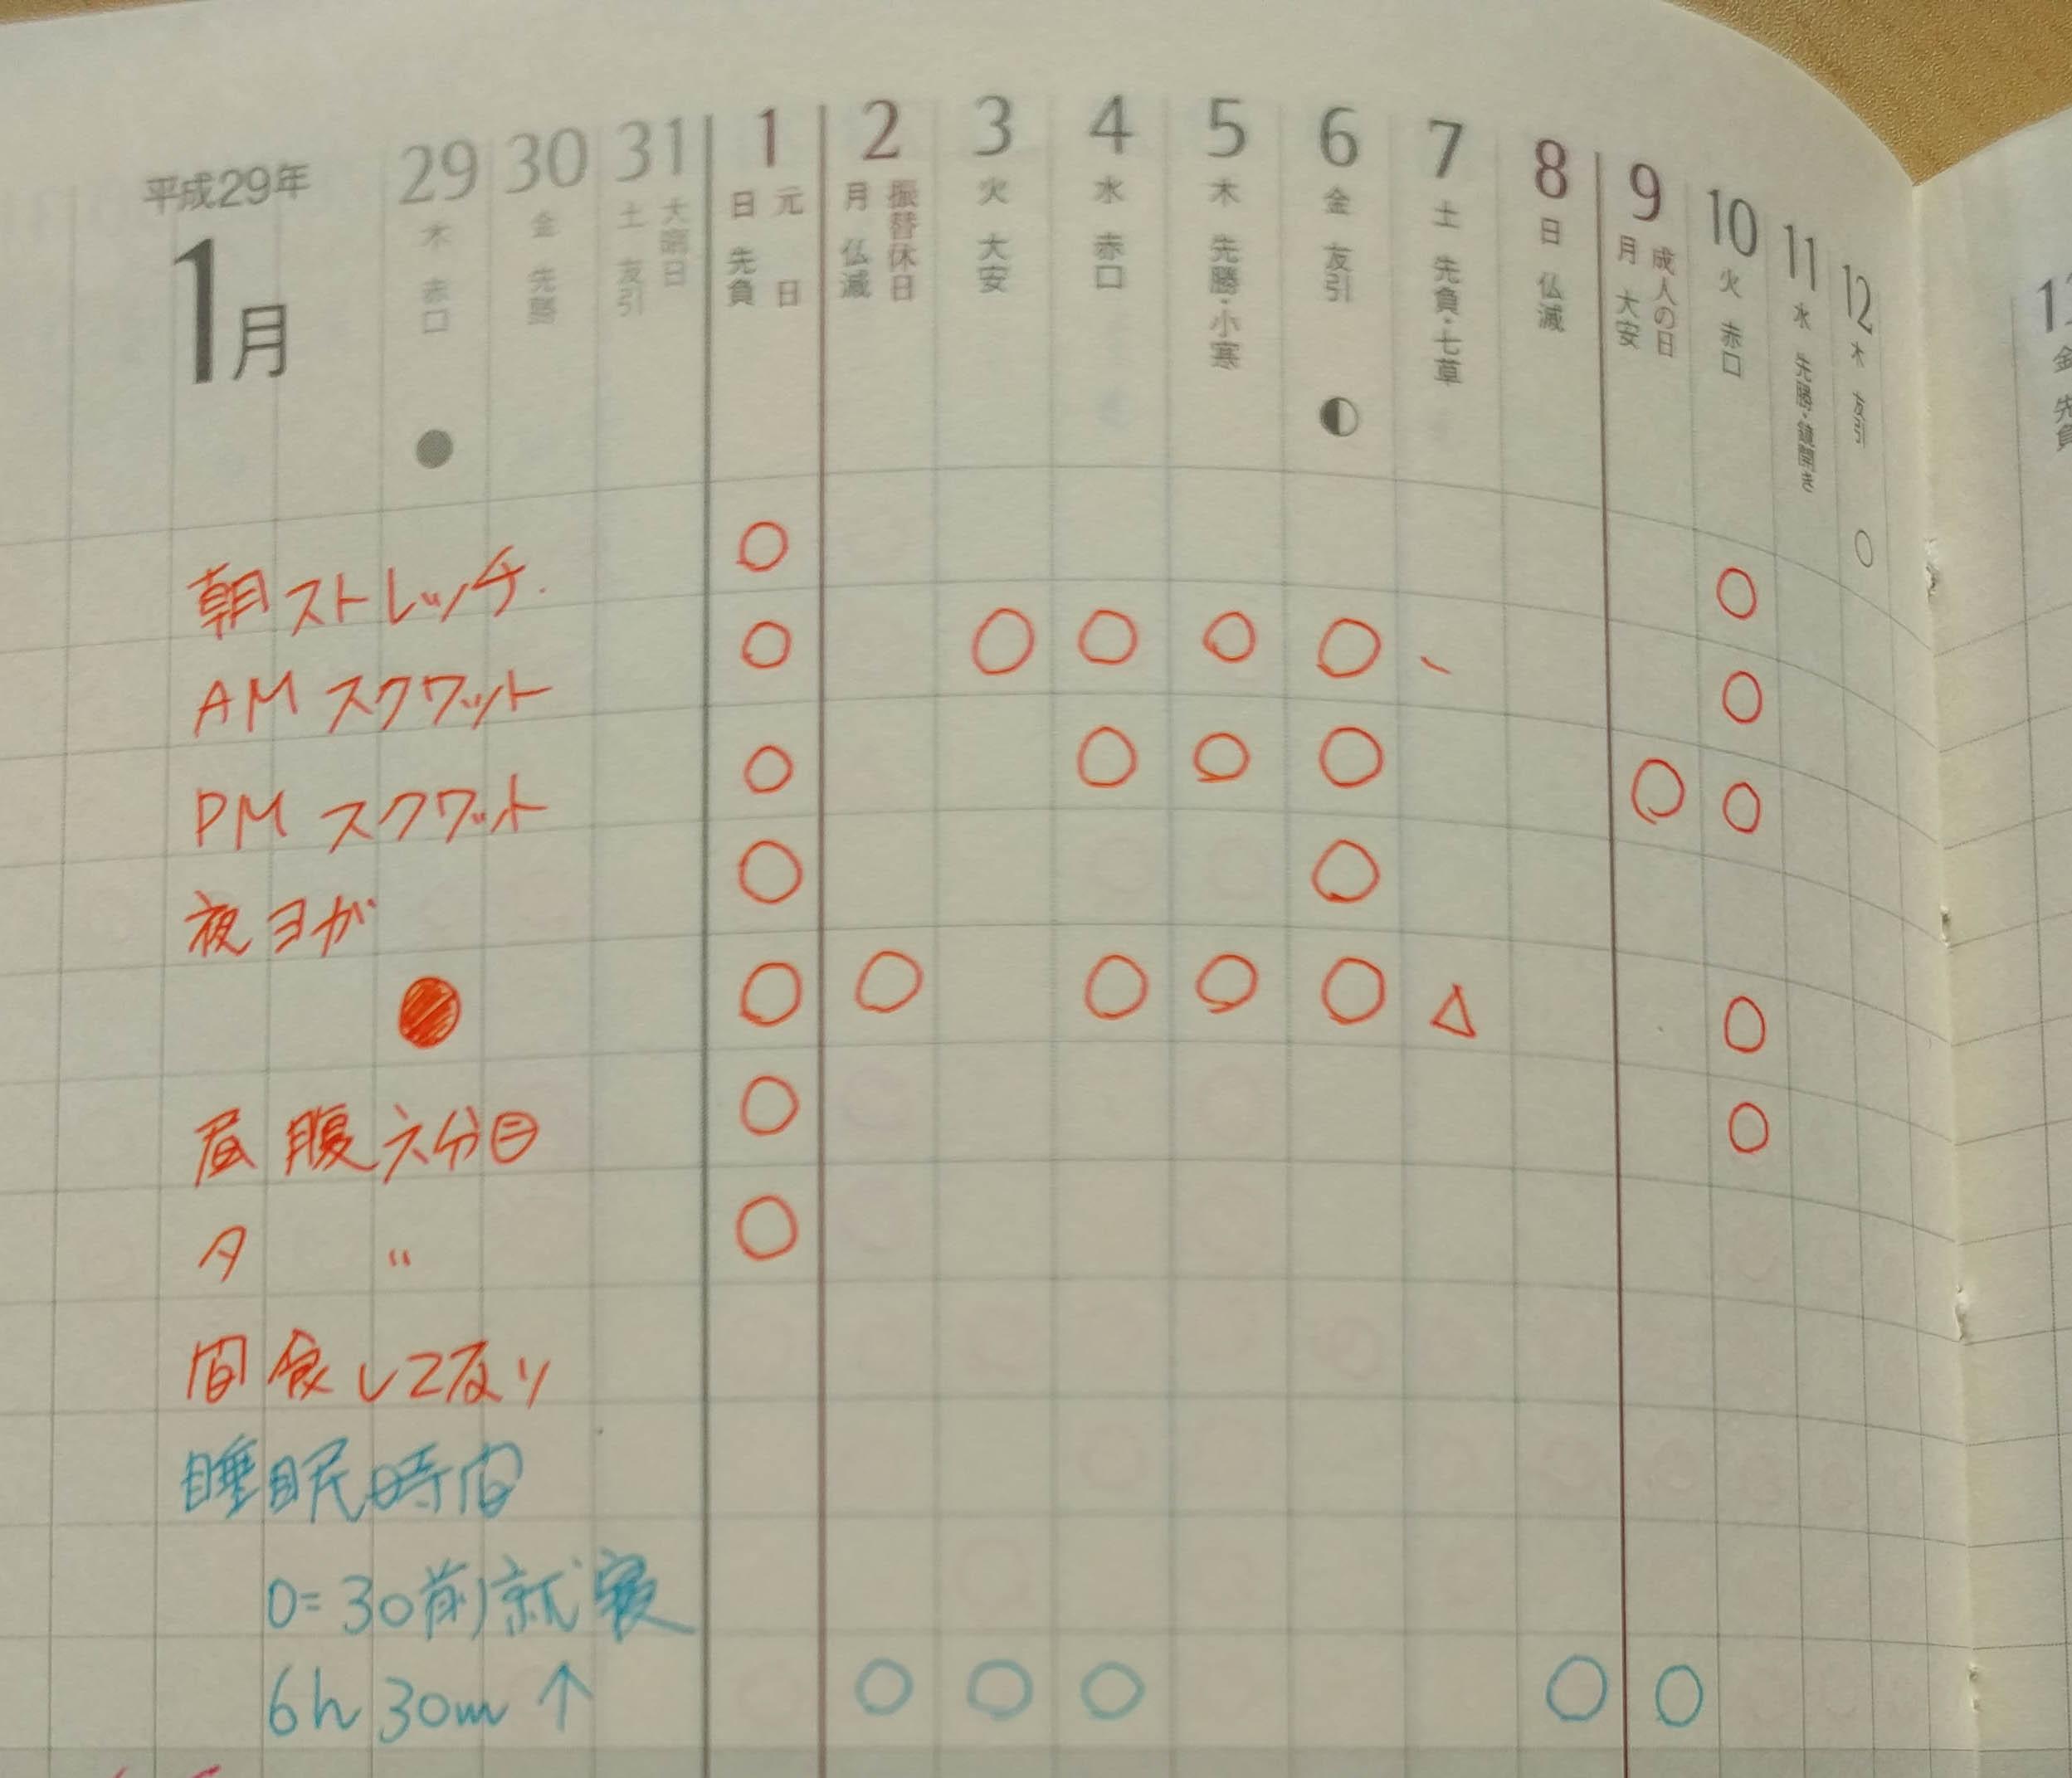 ブラウニー手帳のタテヨコカレンダー